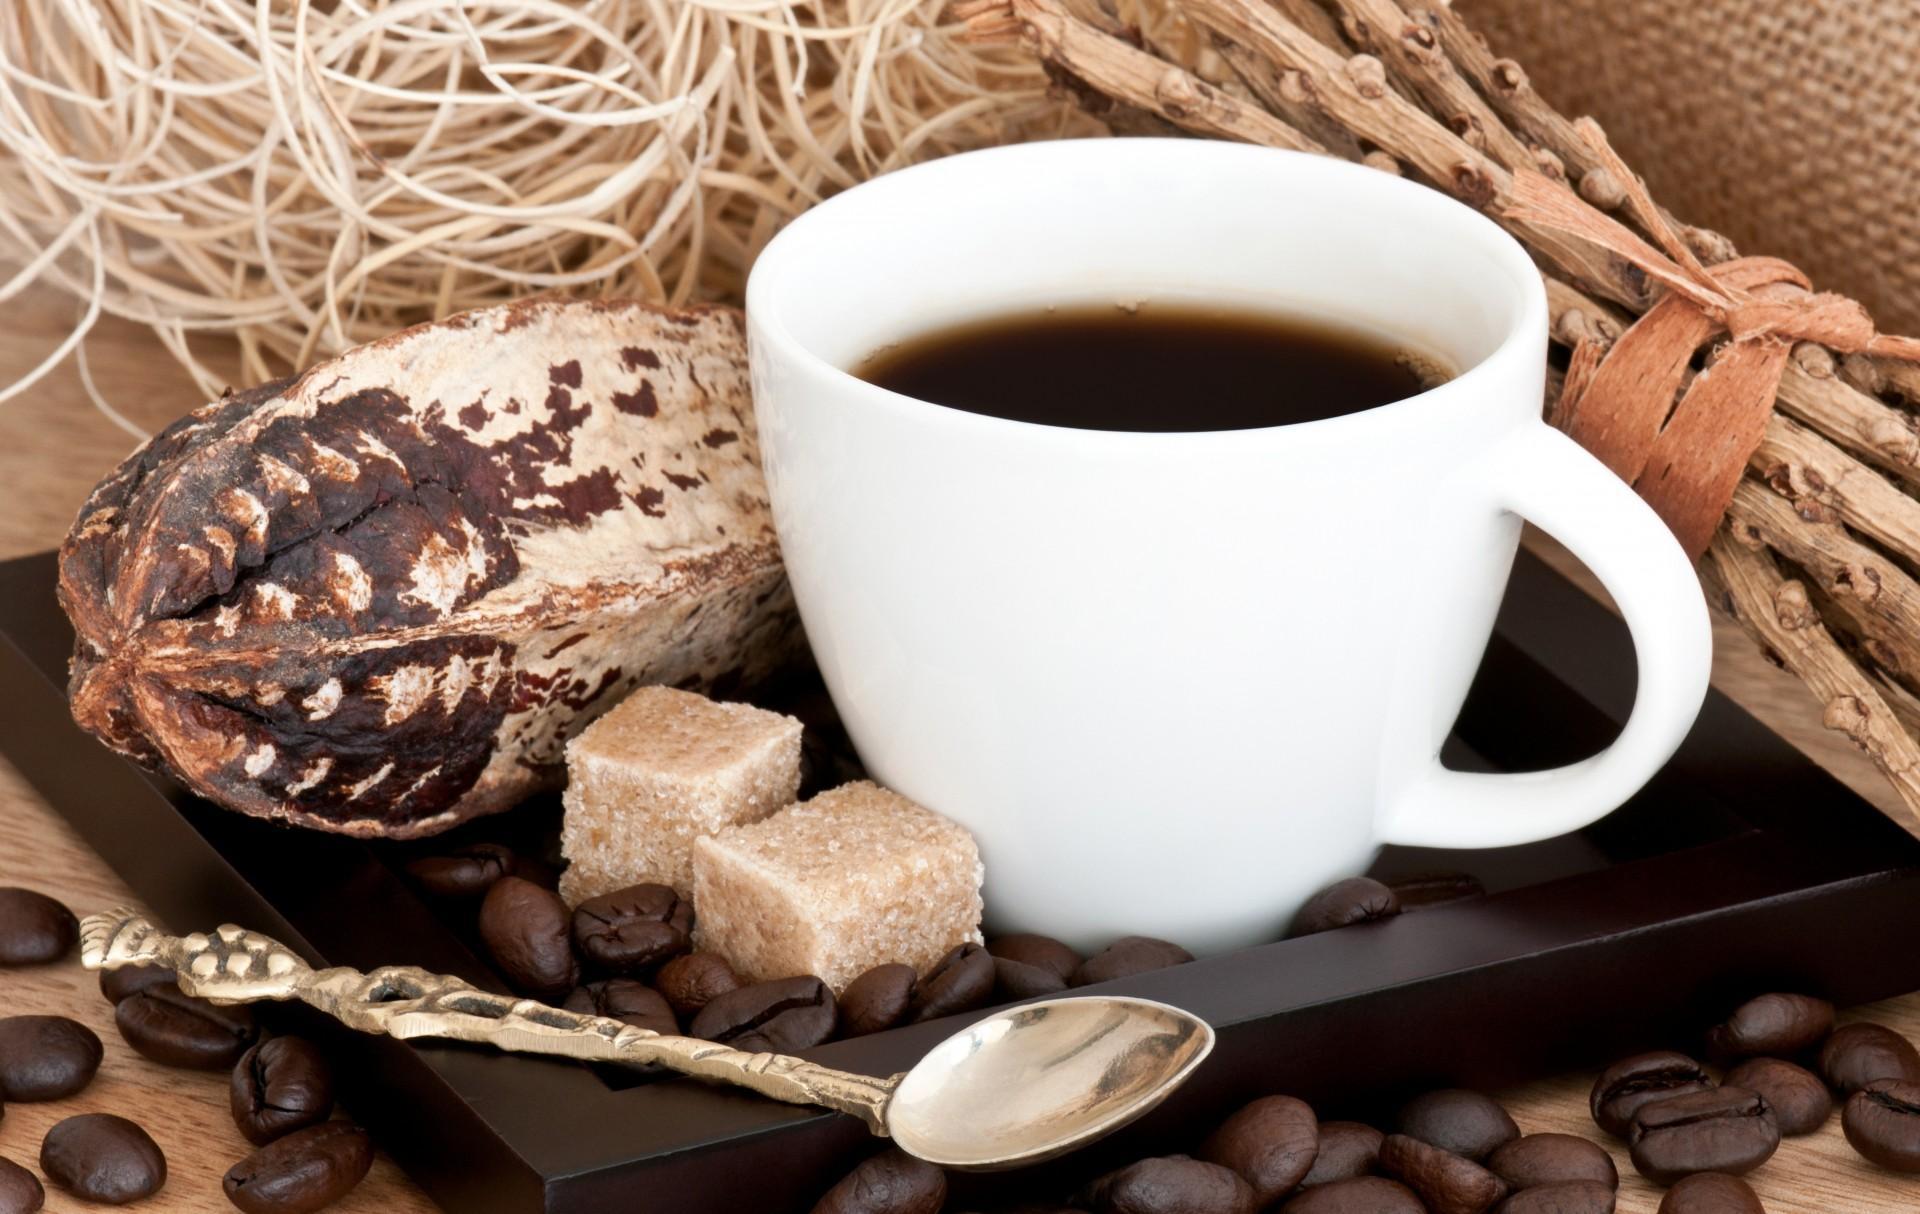 проваливается, кофе кофейные напитки картинки широкоформатные желаю счастья